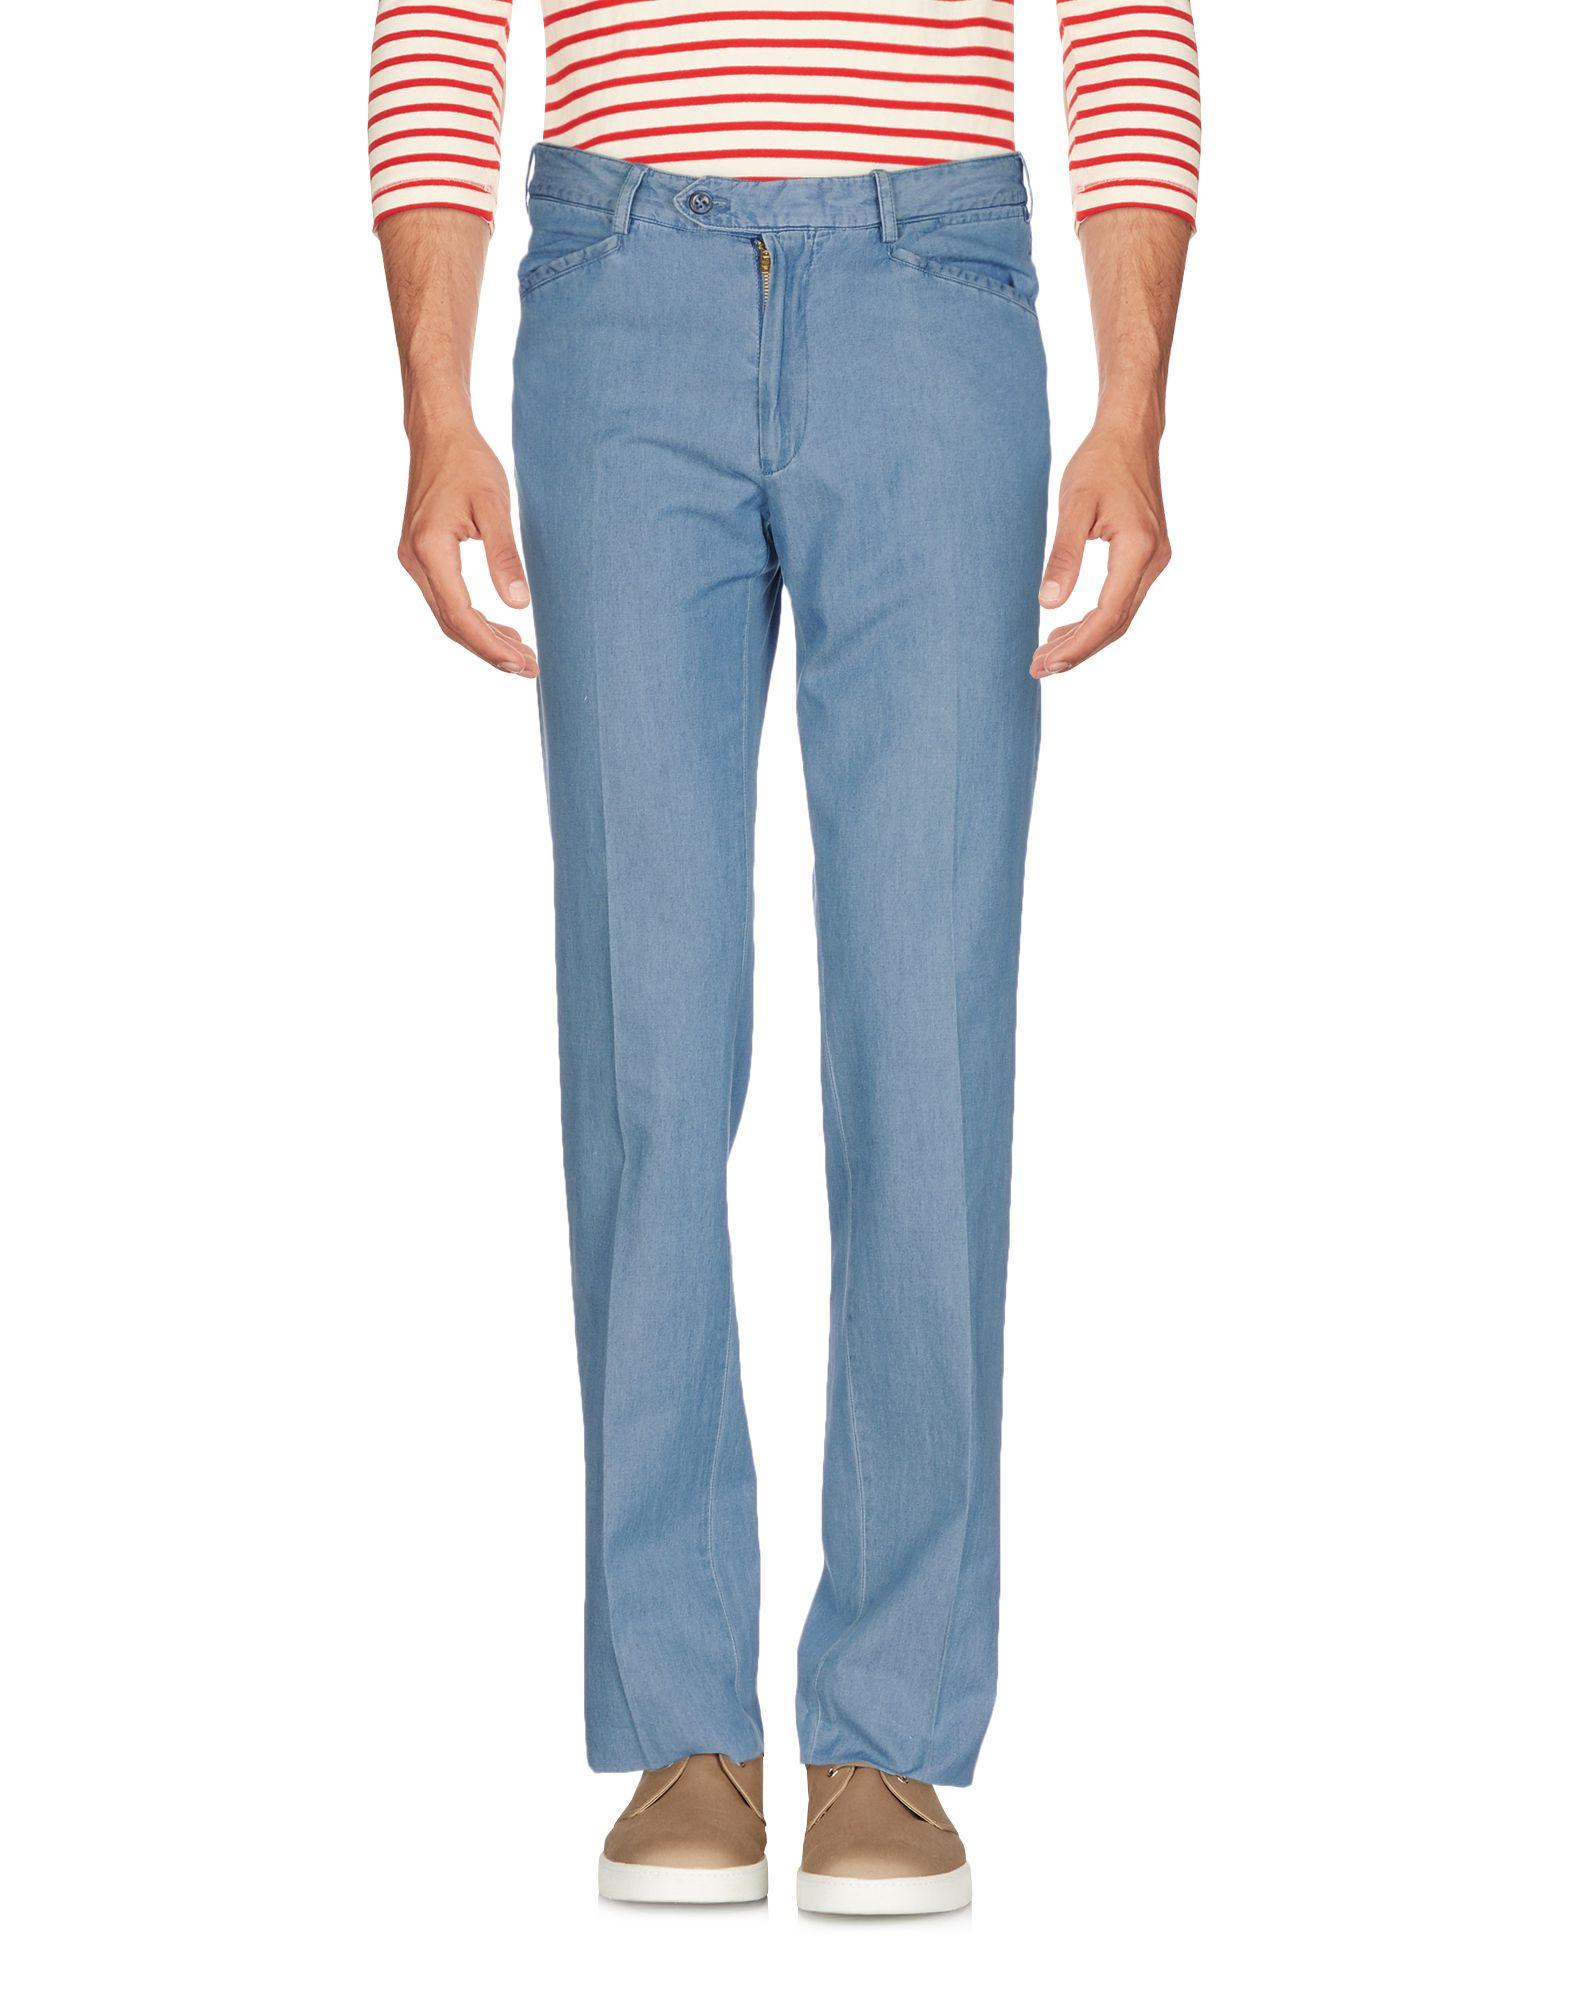 SANTANIELLO Napoli Джинсовые брюки женские брюки лэйт светлый размер 56